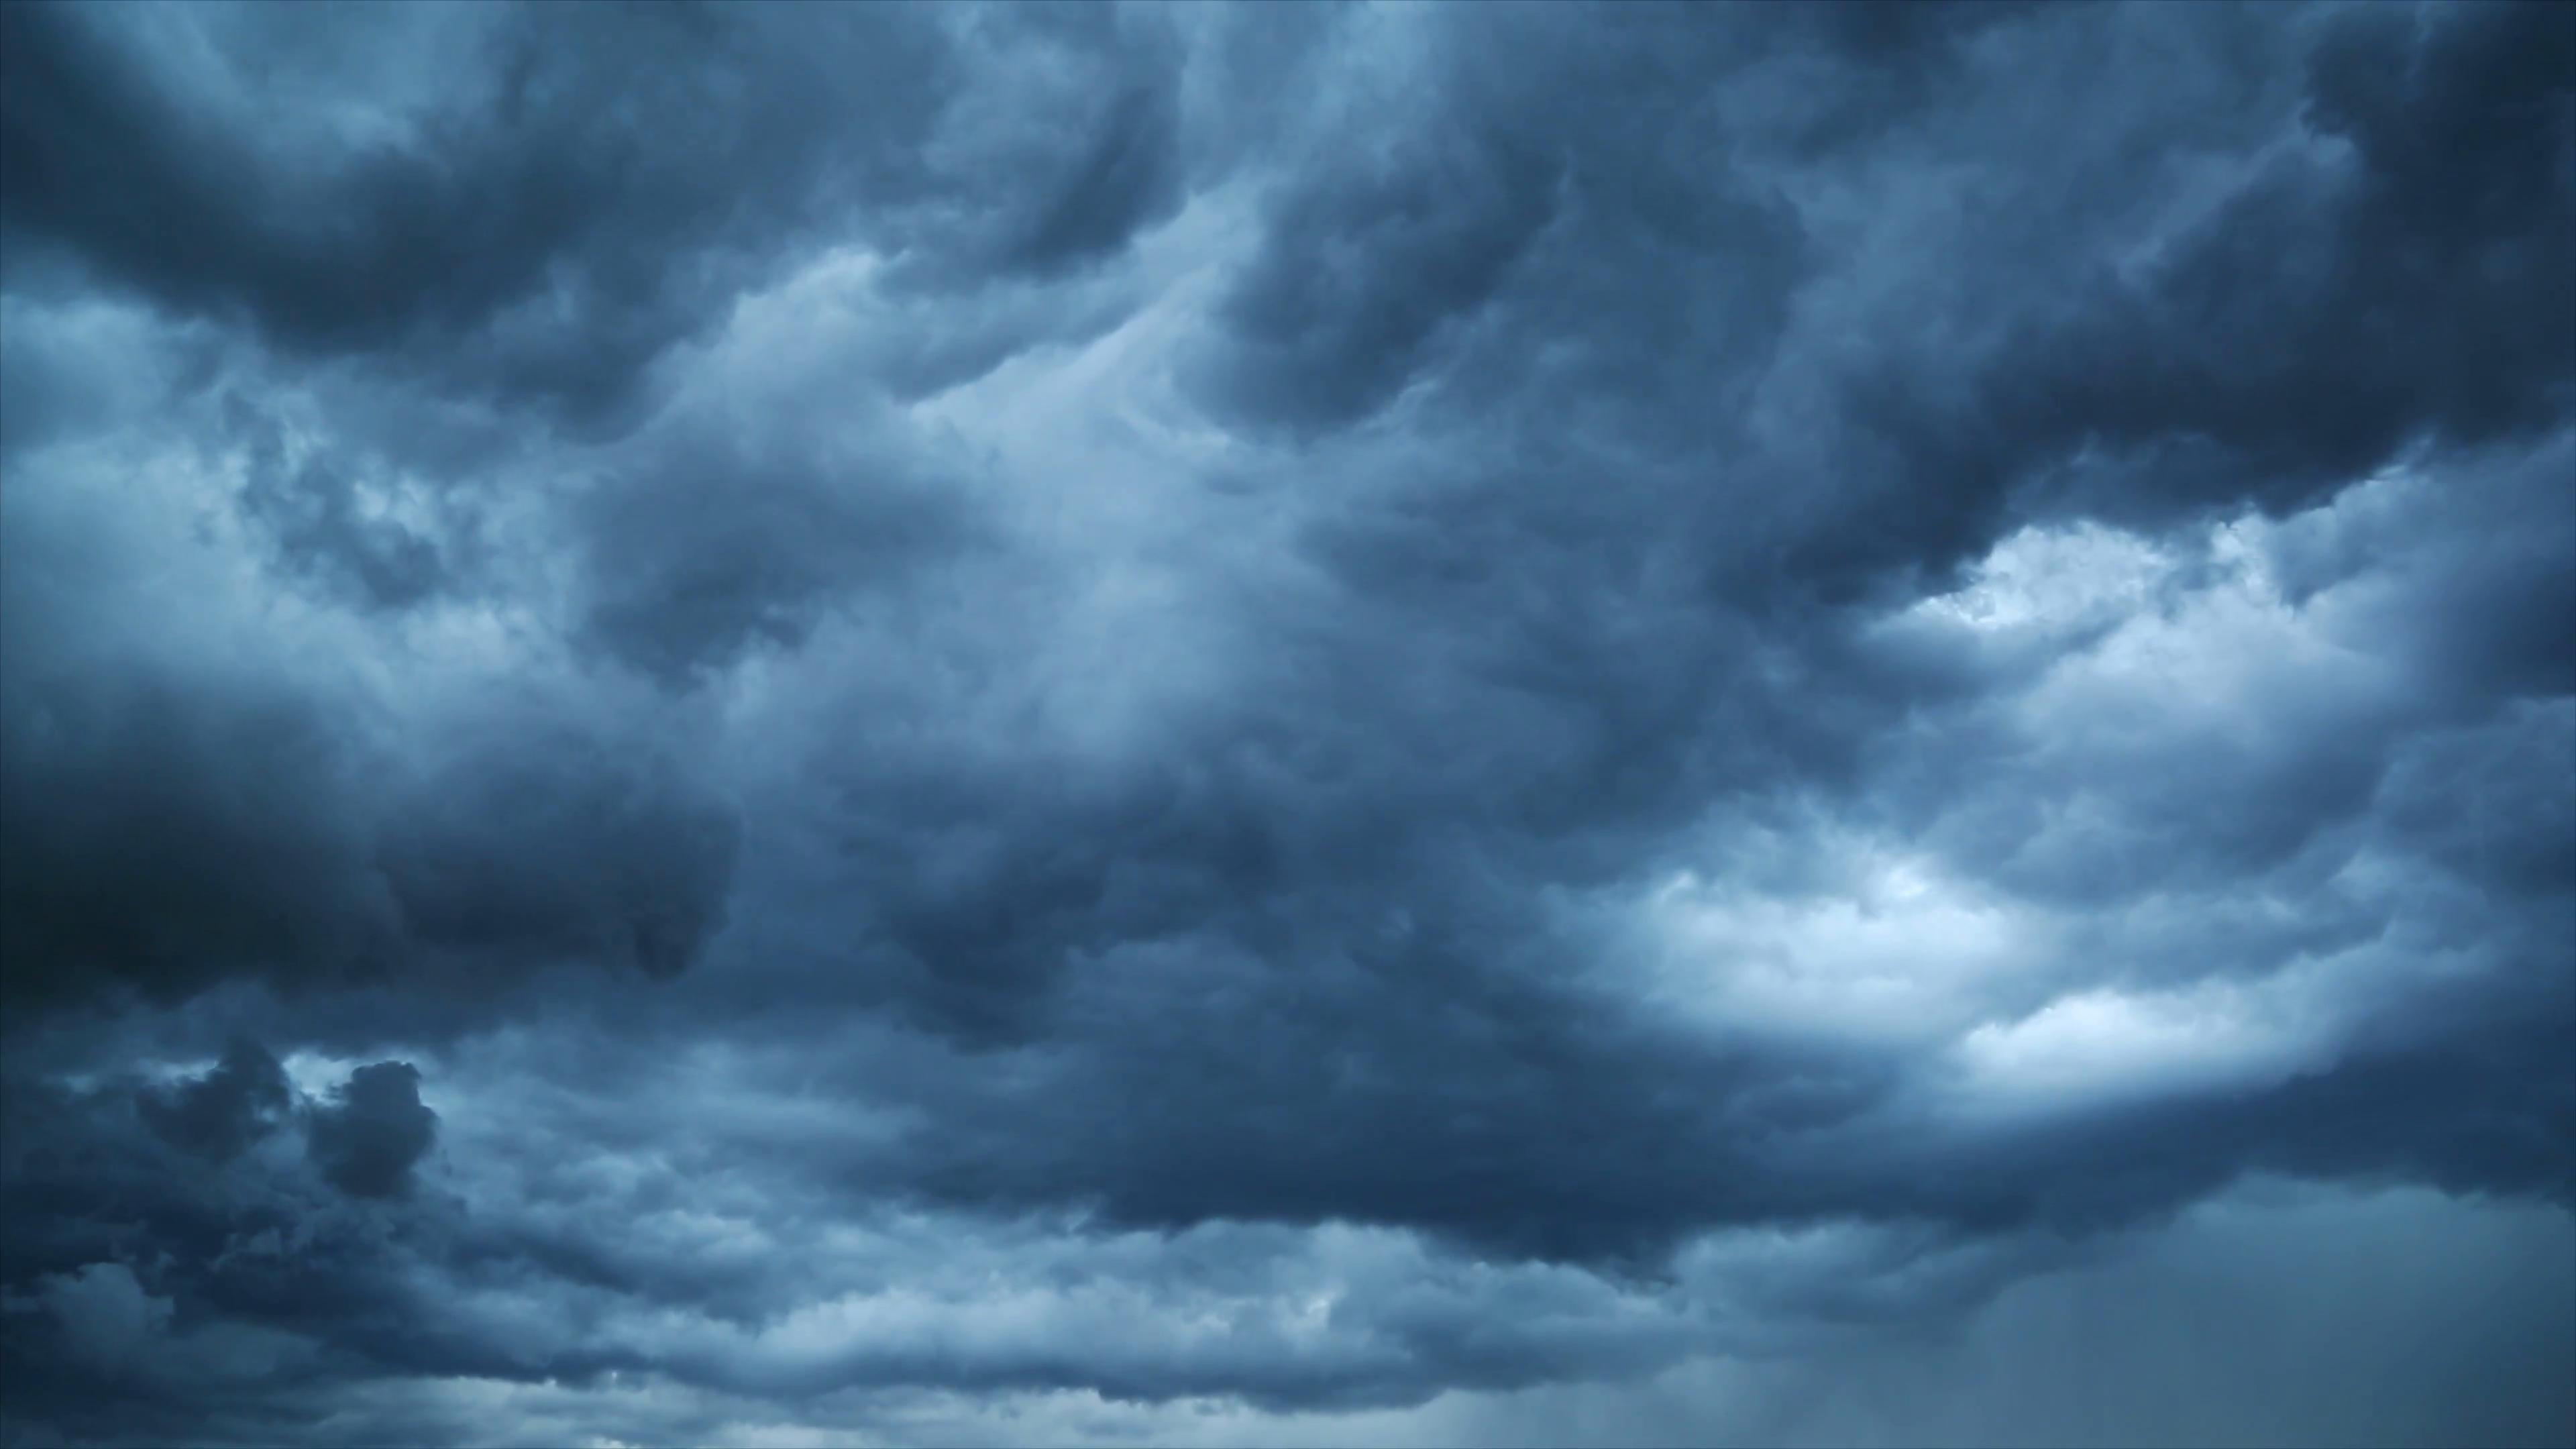 McAfee: после перехода на удаленку количество атак на облачные системы выросло в шесть раз